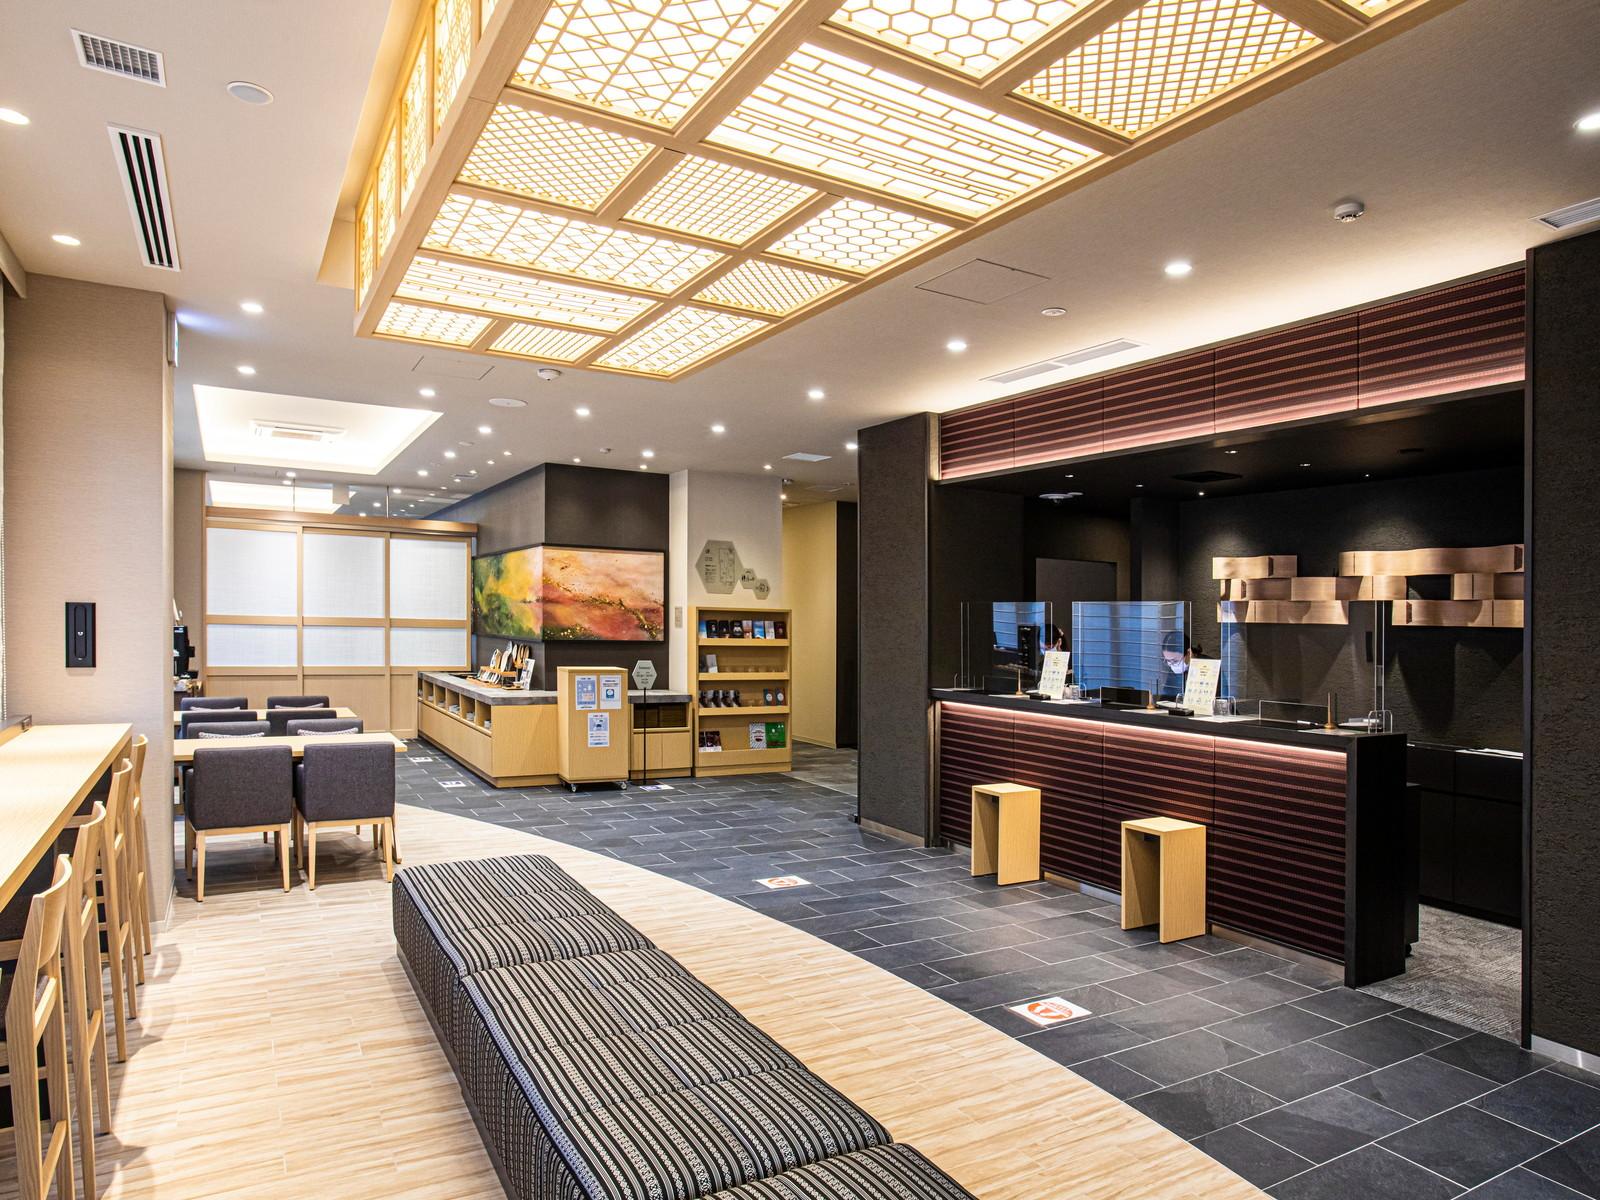 ホテル・トリフィート博多祇園 【早期割45】45日前までのご予約で35%オフ!中洲の中心・最寄り駅まで徒歩5分。大浴場完備。素泊まり